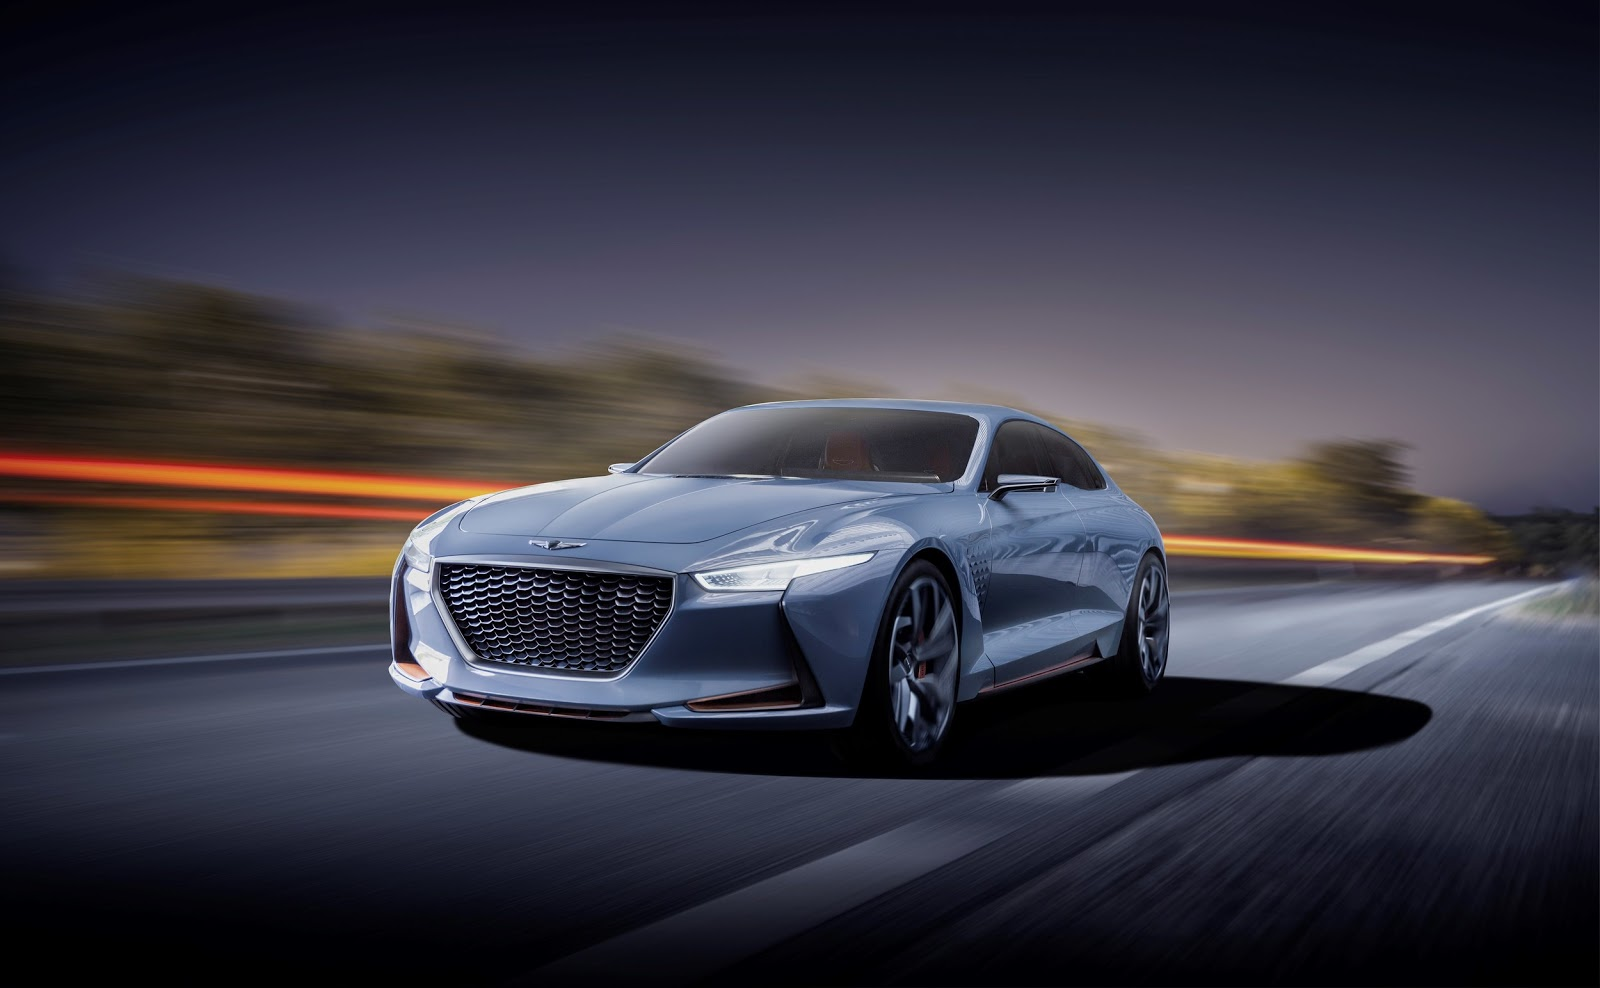 Genesis định hướng sẽ là dòng sedan hạng sang cạnh tranh với S Class và 7 Series